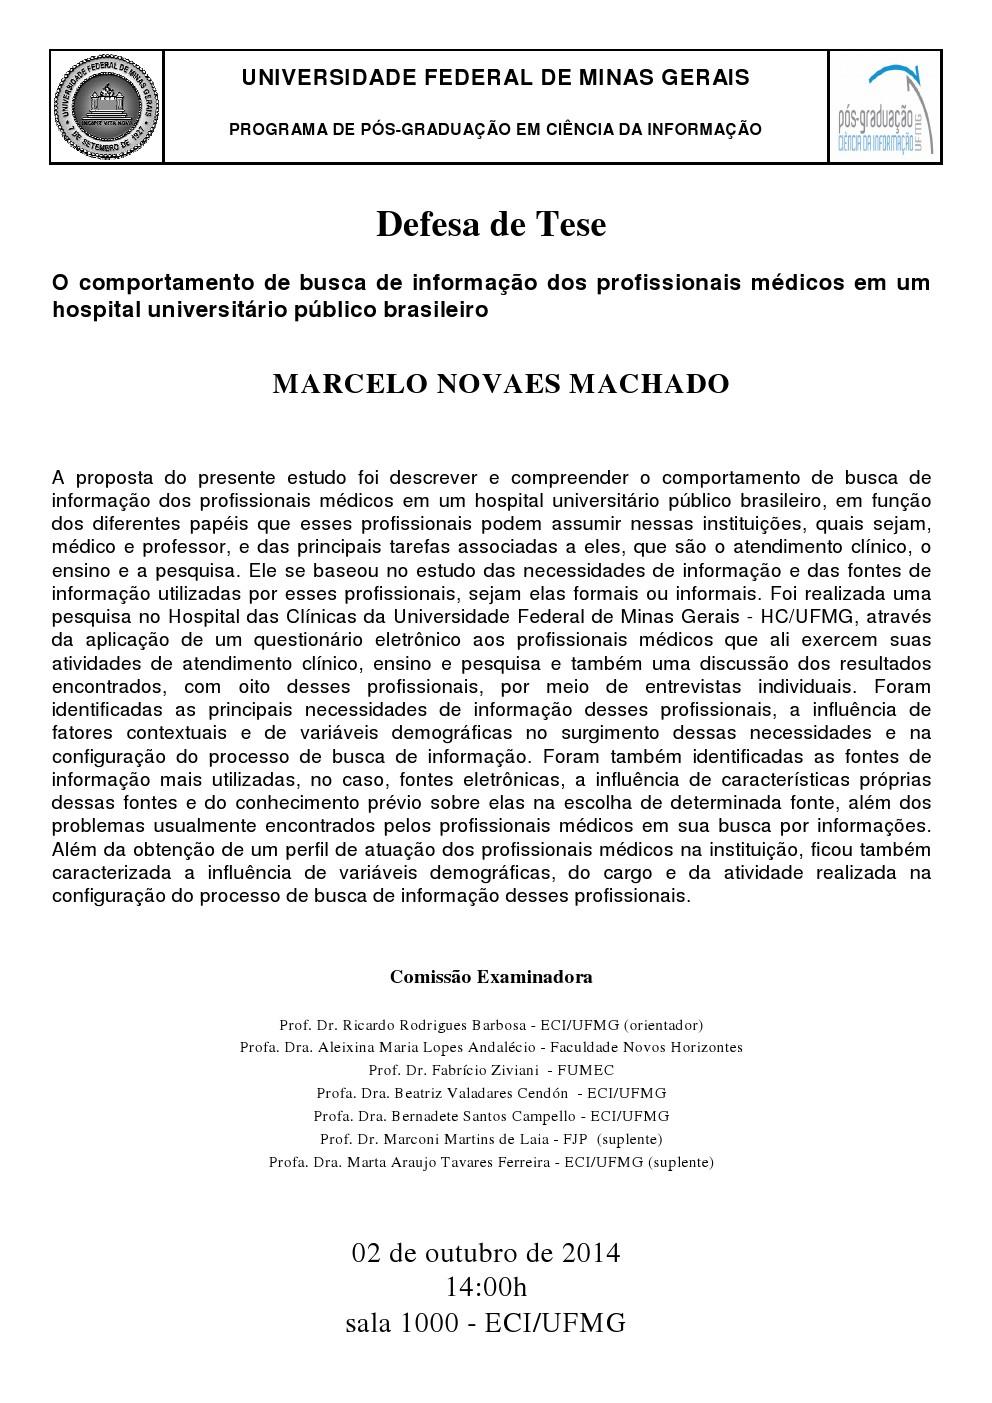 Defesa de Tese Marcelo Novaes Machado